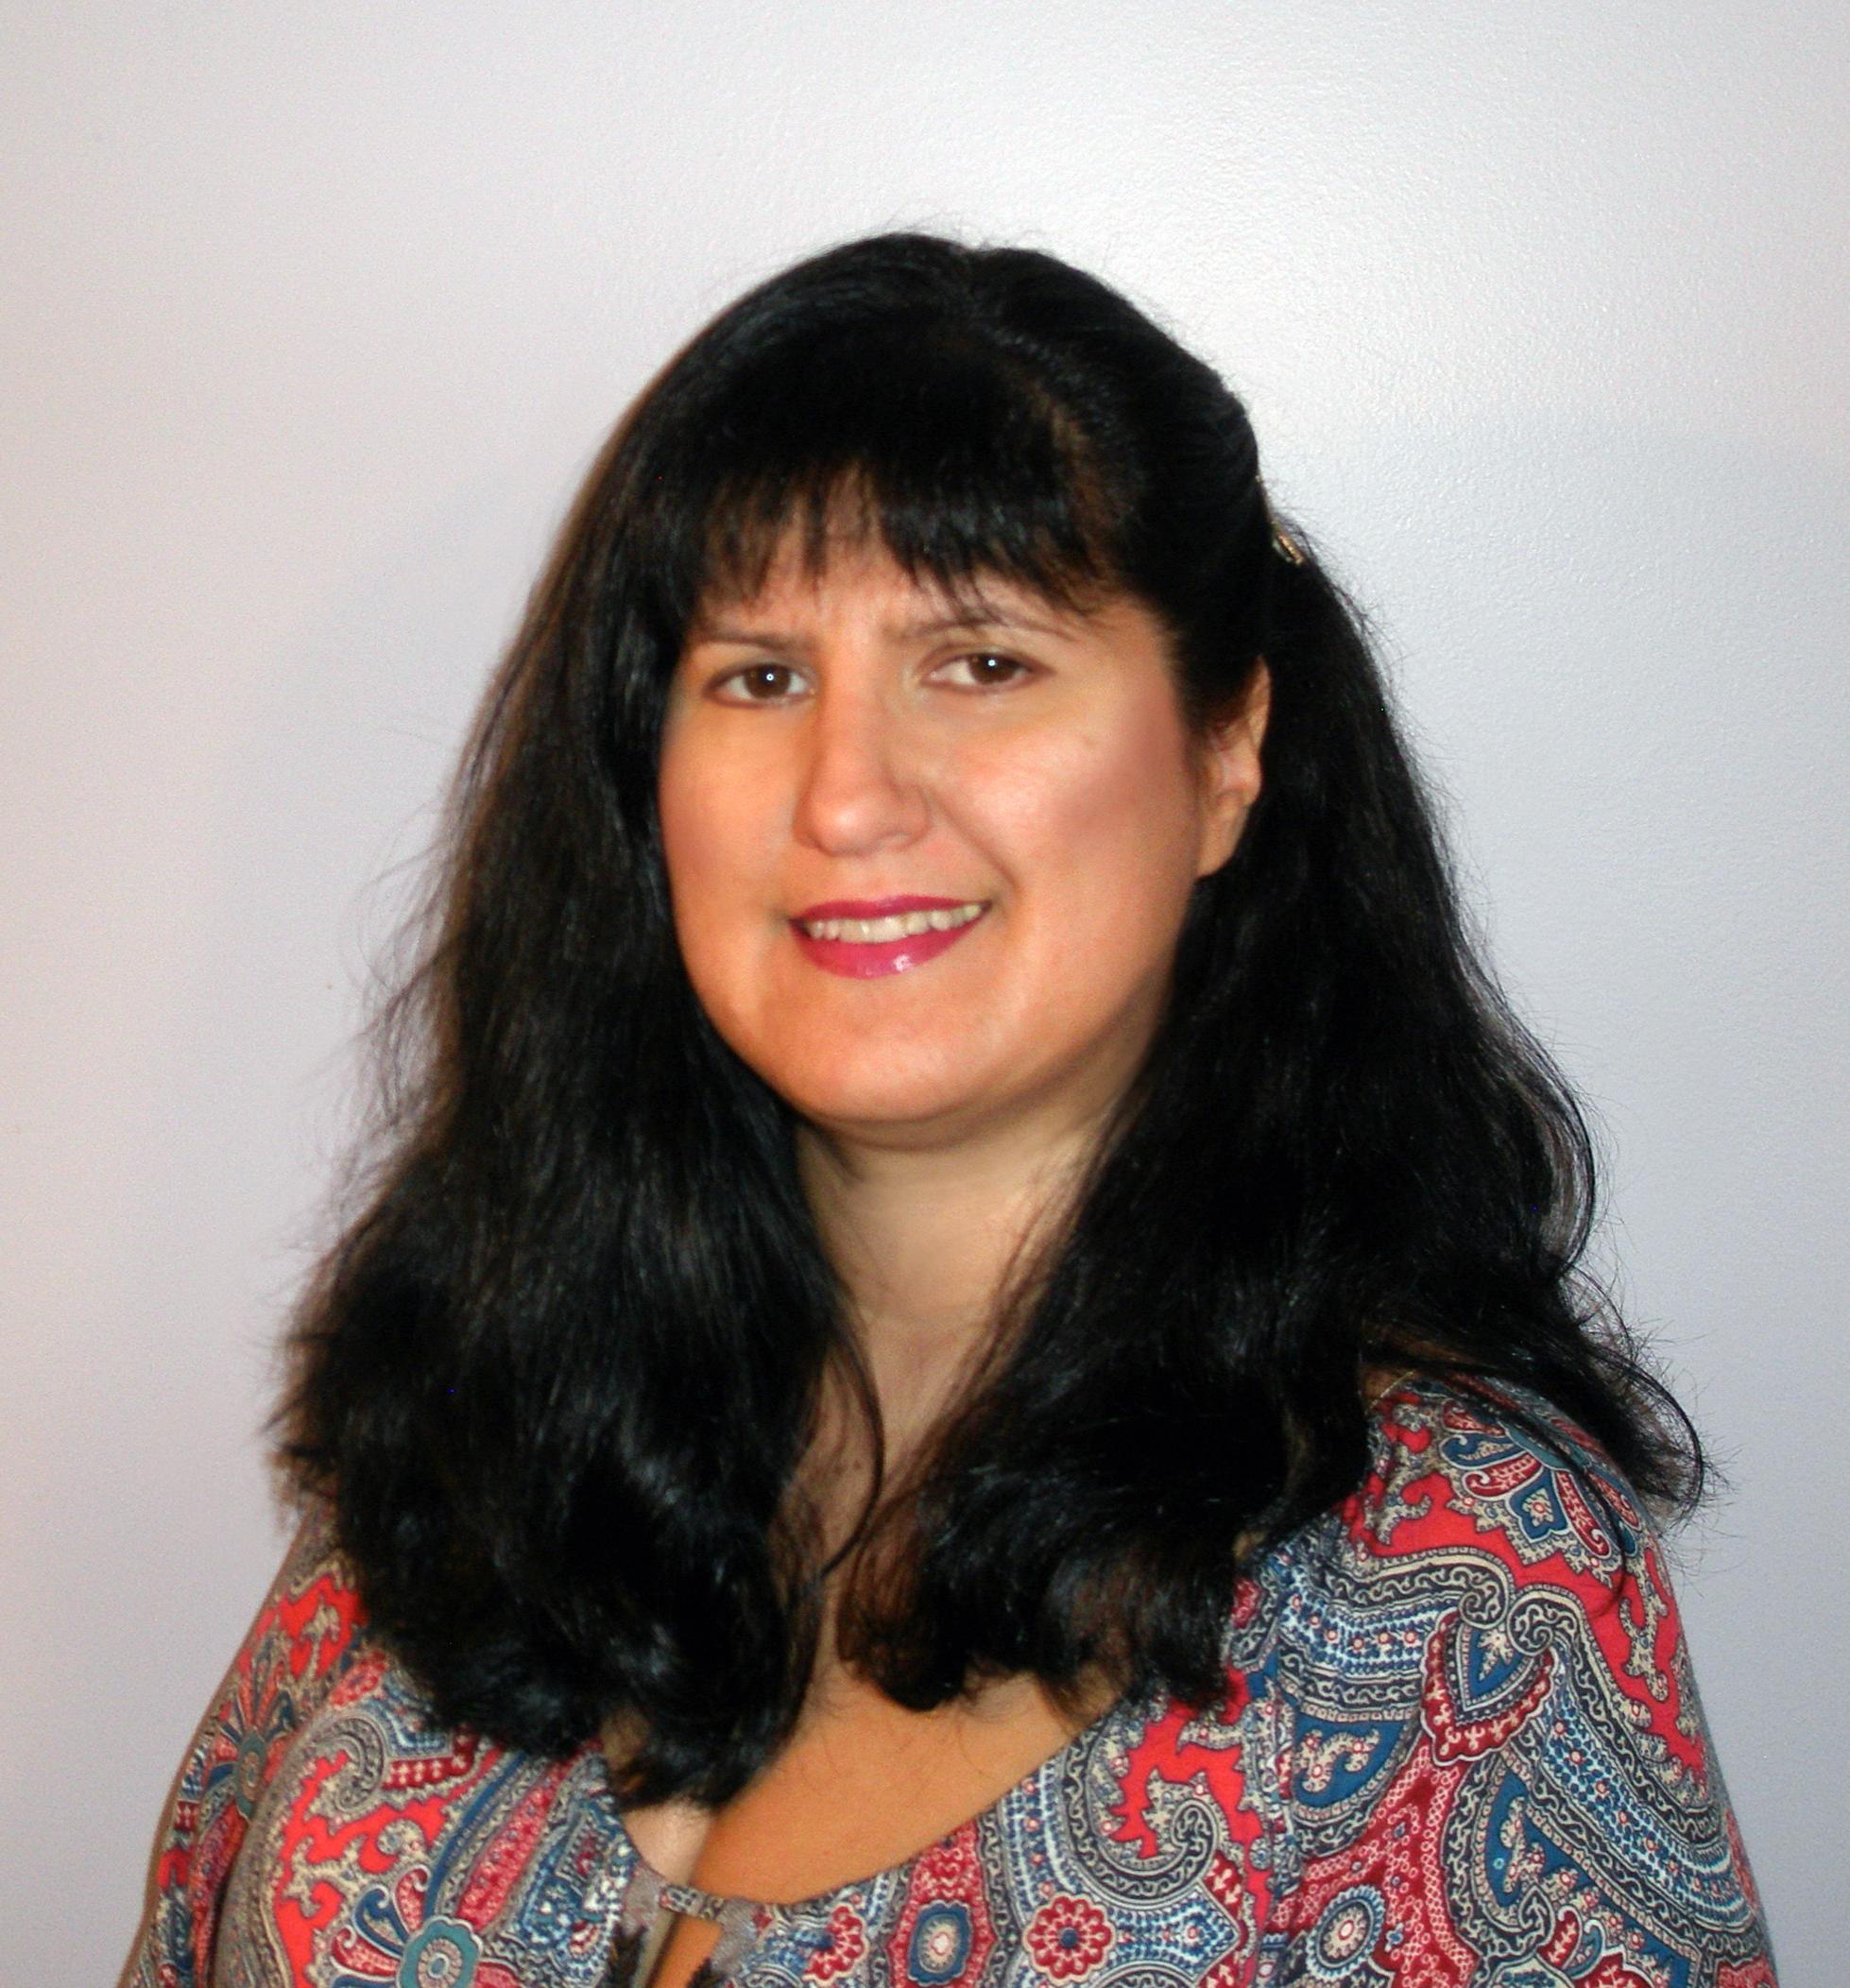 Natasha Stojanovic